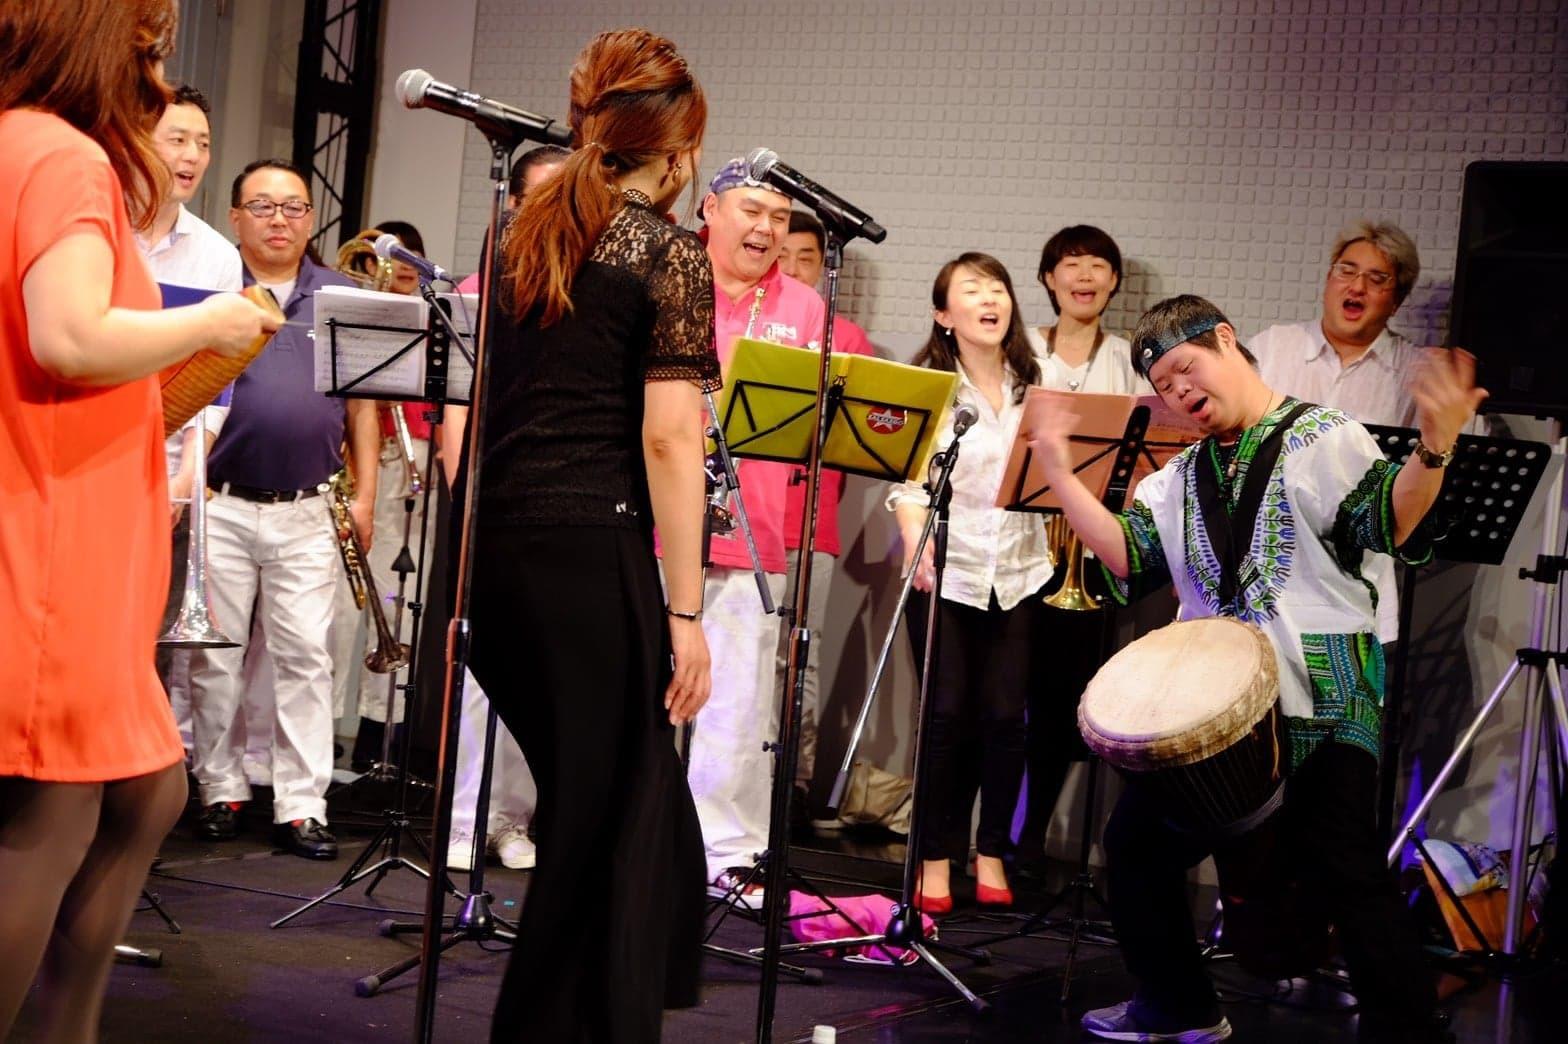 「とっておきの音楽祭 グラデーションマーケット」no.5_b0135942_10262883.jpg